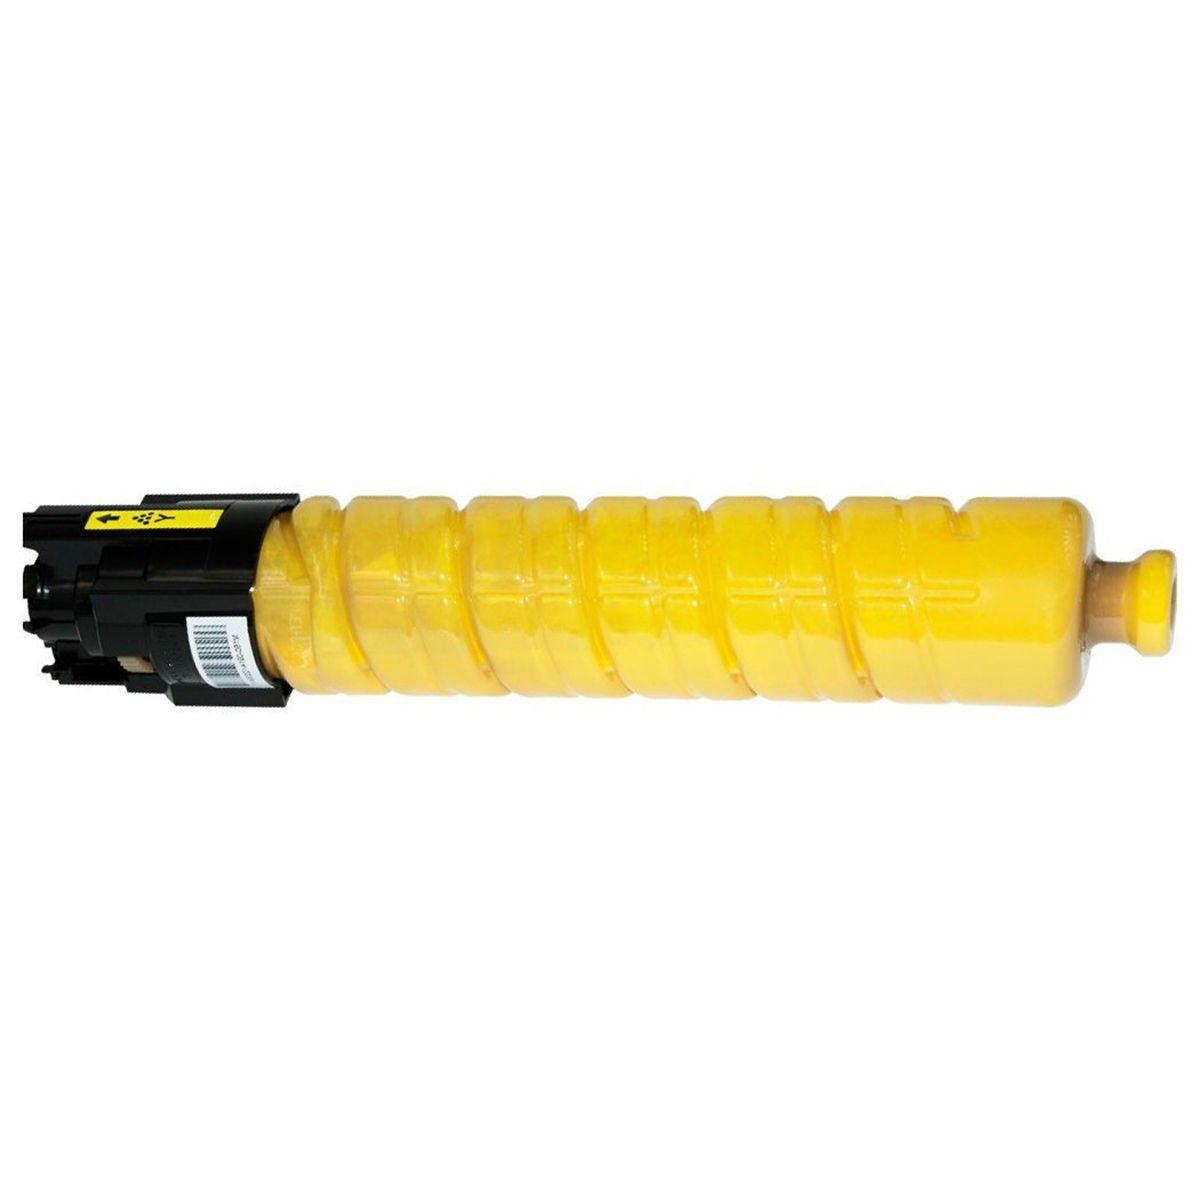 Compatível: Toner C430Y para Ricoh Aficio SPC430 C431 C430dn C440dn SPC430 SPC431 SPC430dn SPC431dn / Amarelo / 21.000